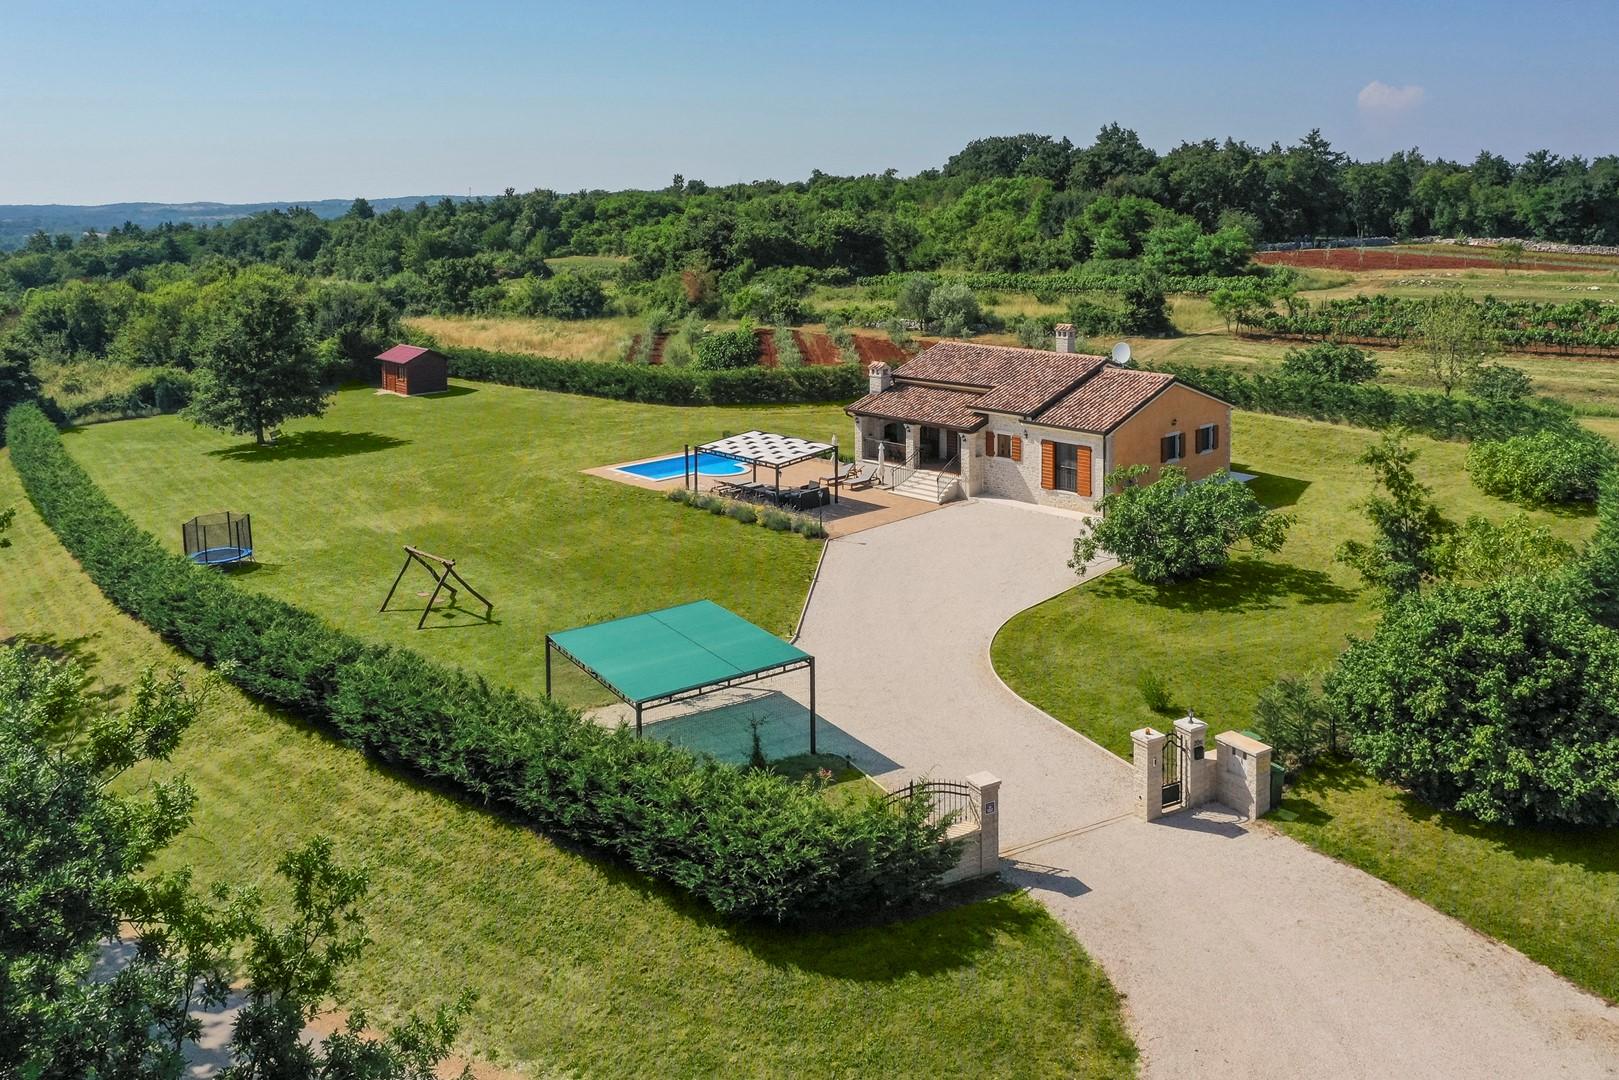 Ferienhaus Villa Elida mit Pool in abgelegene Lage - Zentral-Istrien (2789996), Pazin, , Istrien, Kroatien, Bild 10